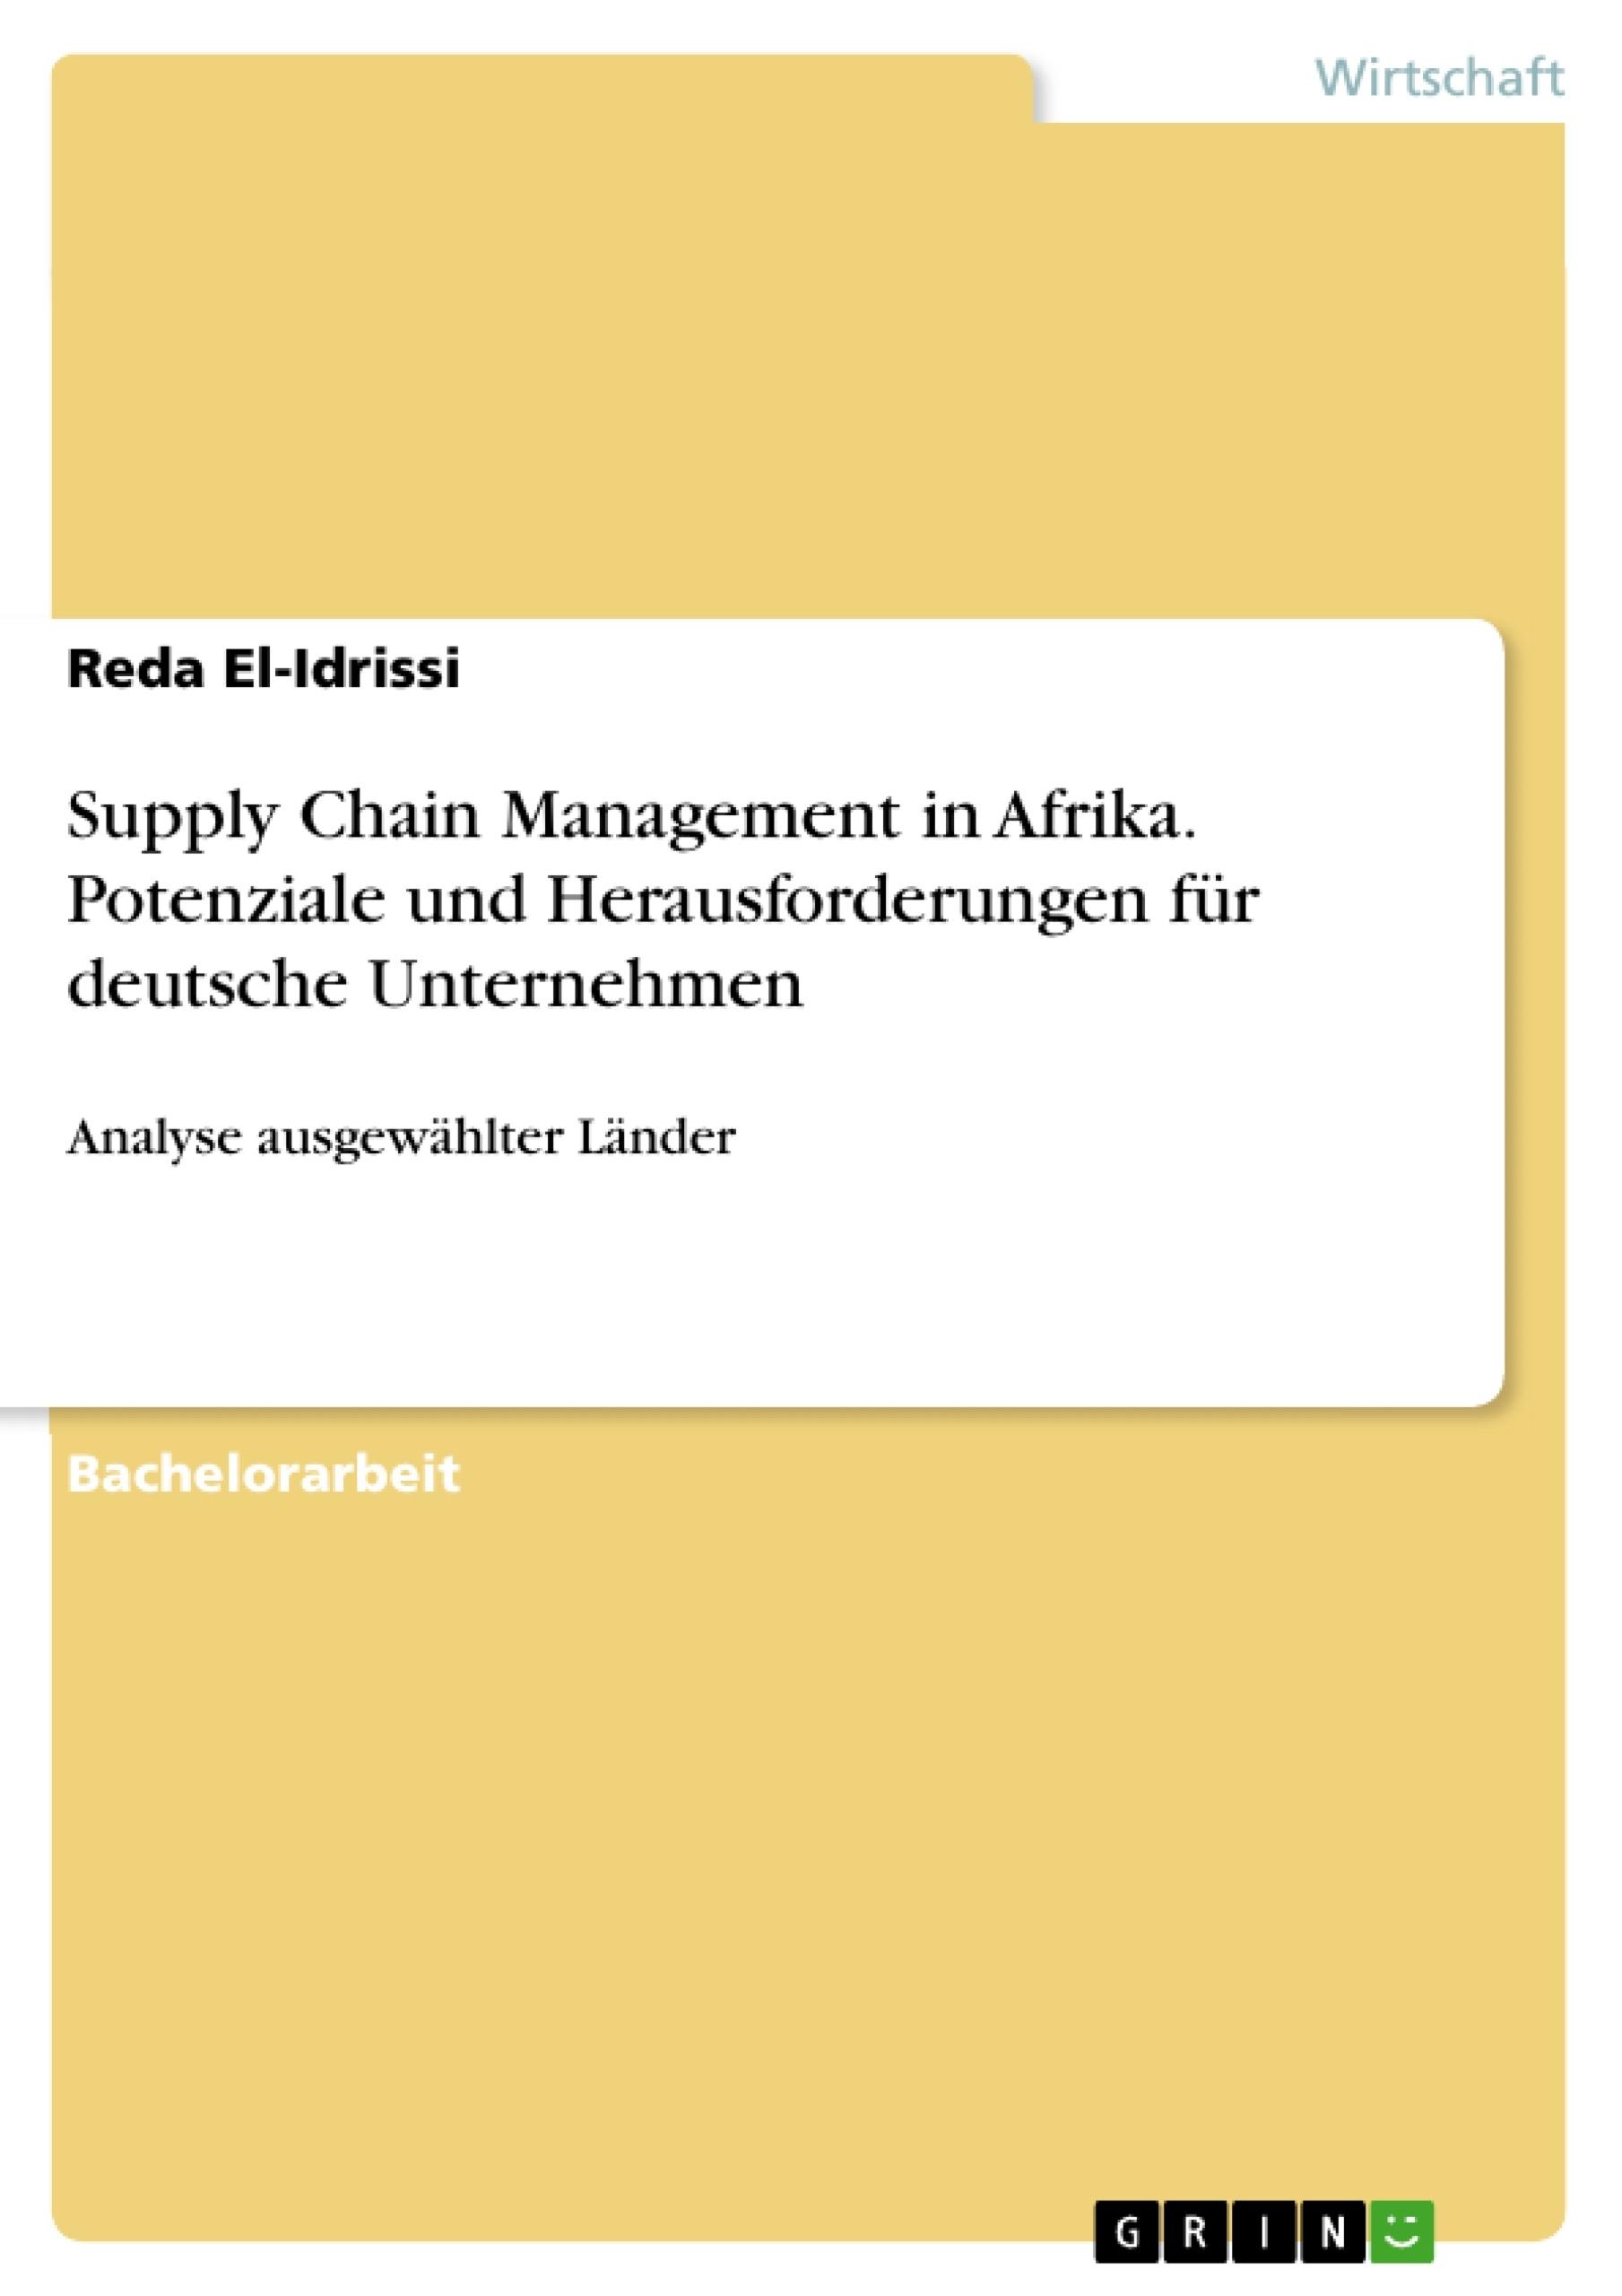 Titel: Supply Chain Management in Afrika. Potenziale und Herausforderungen für deutsche Unternehmen